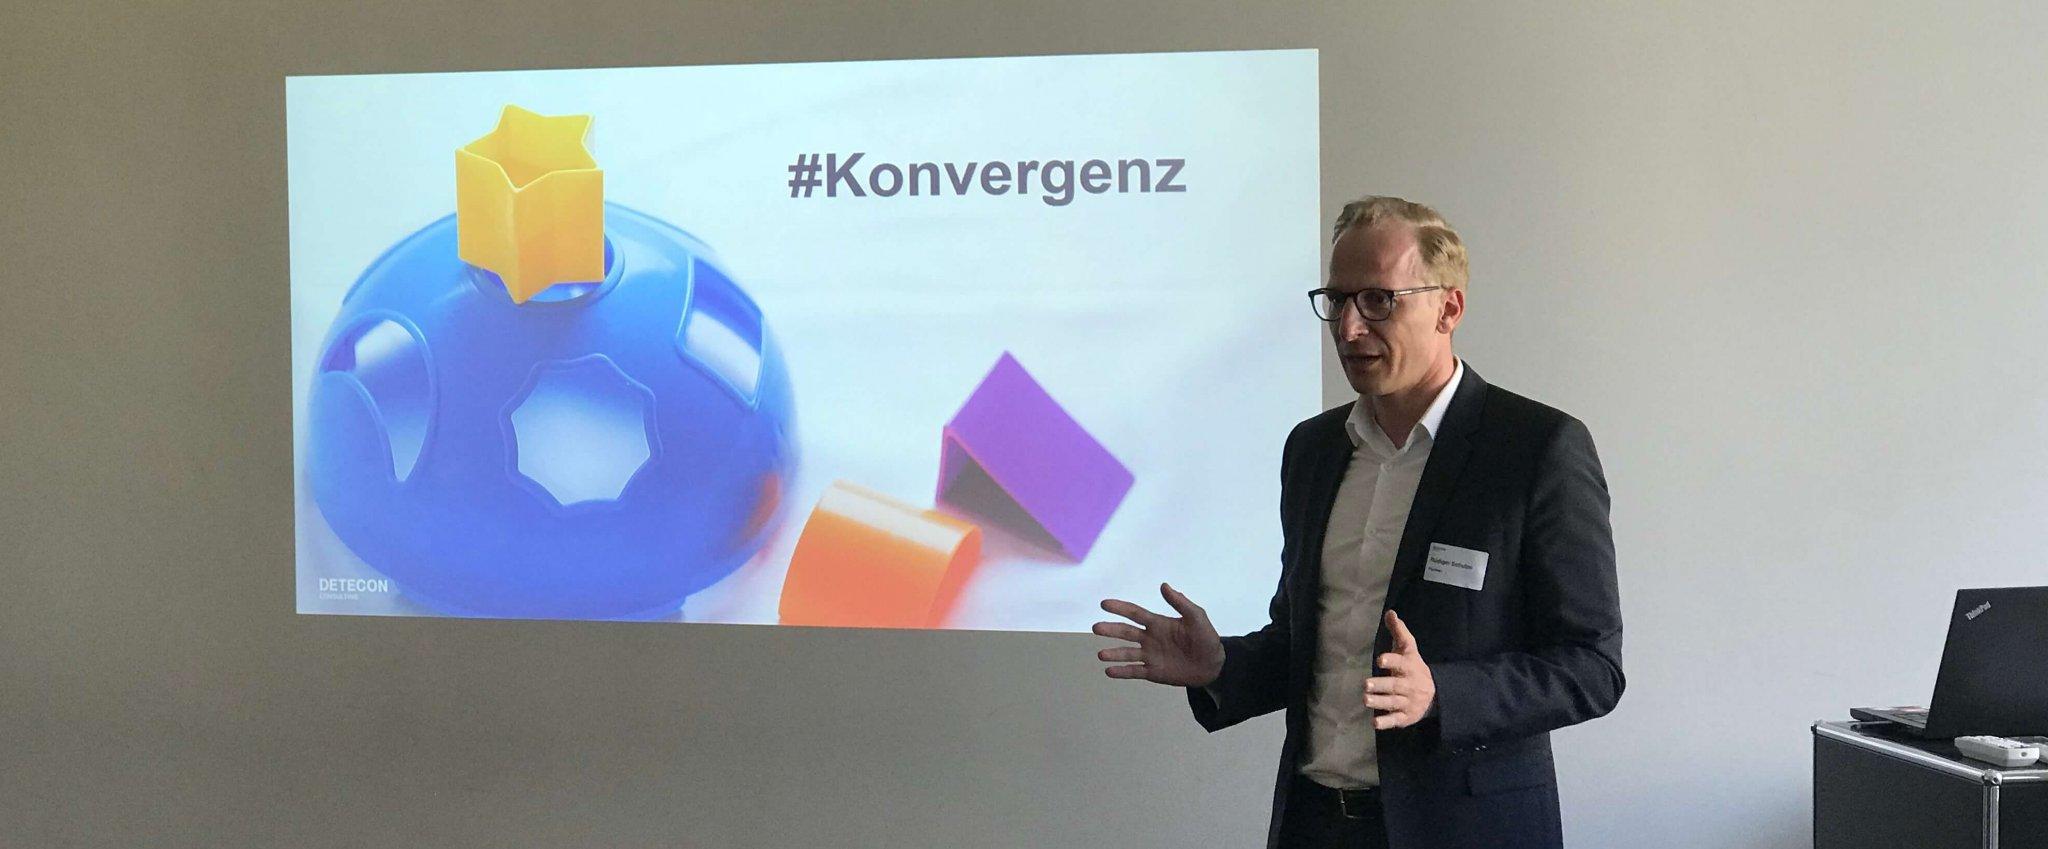 Keynote Speaker zu Digitalisierung der Energiewirtschaft